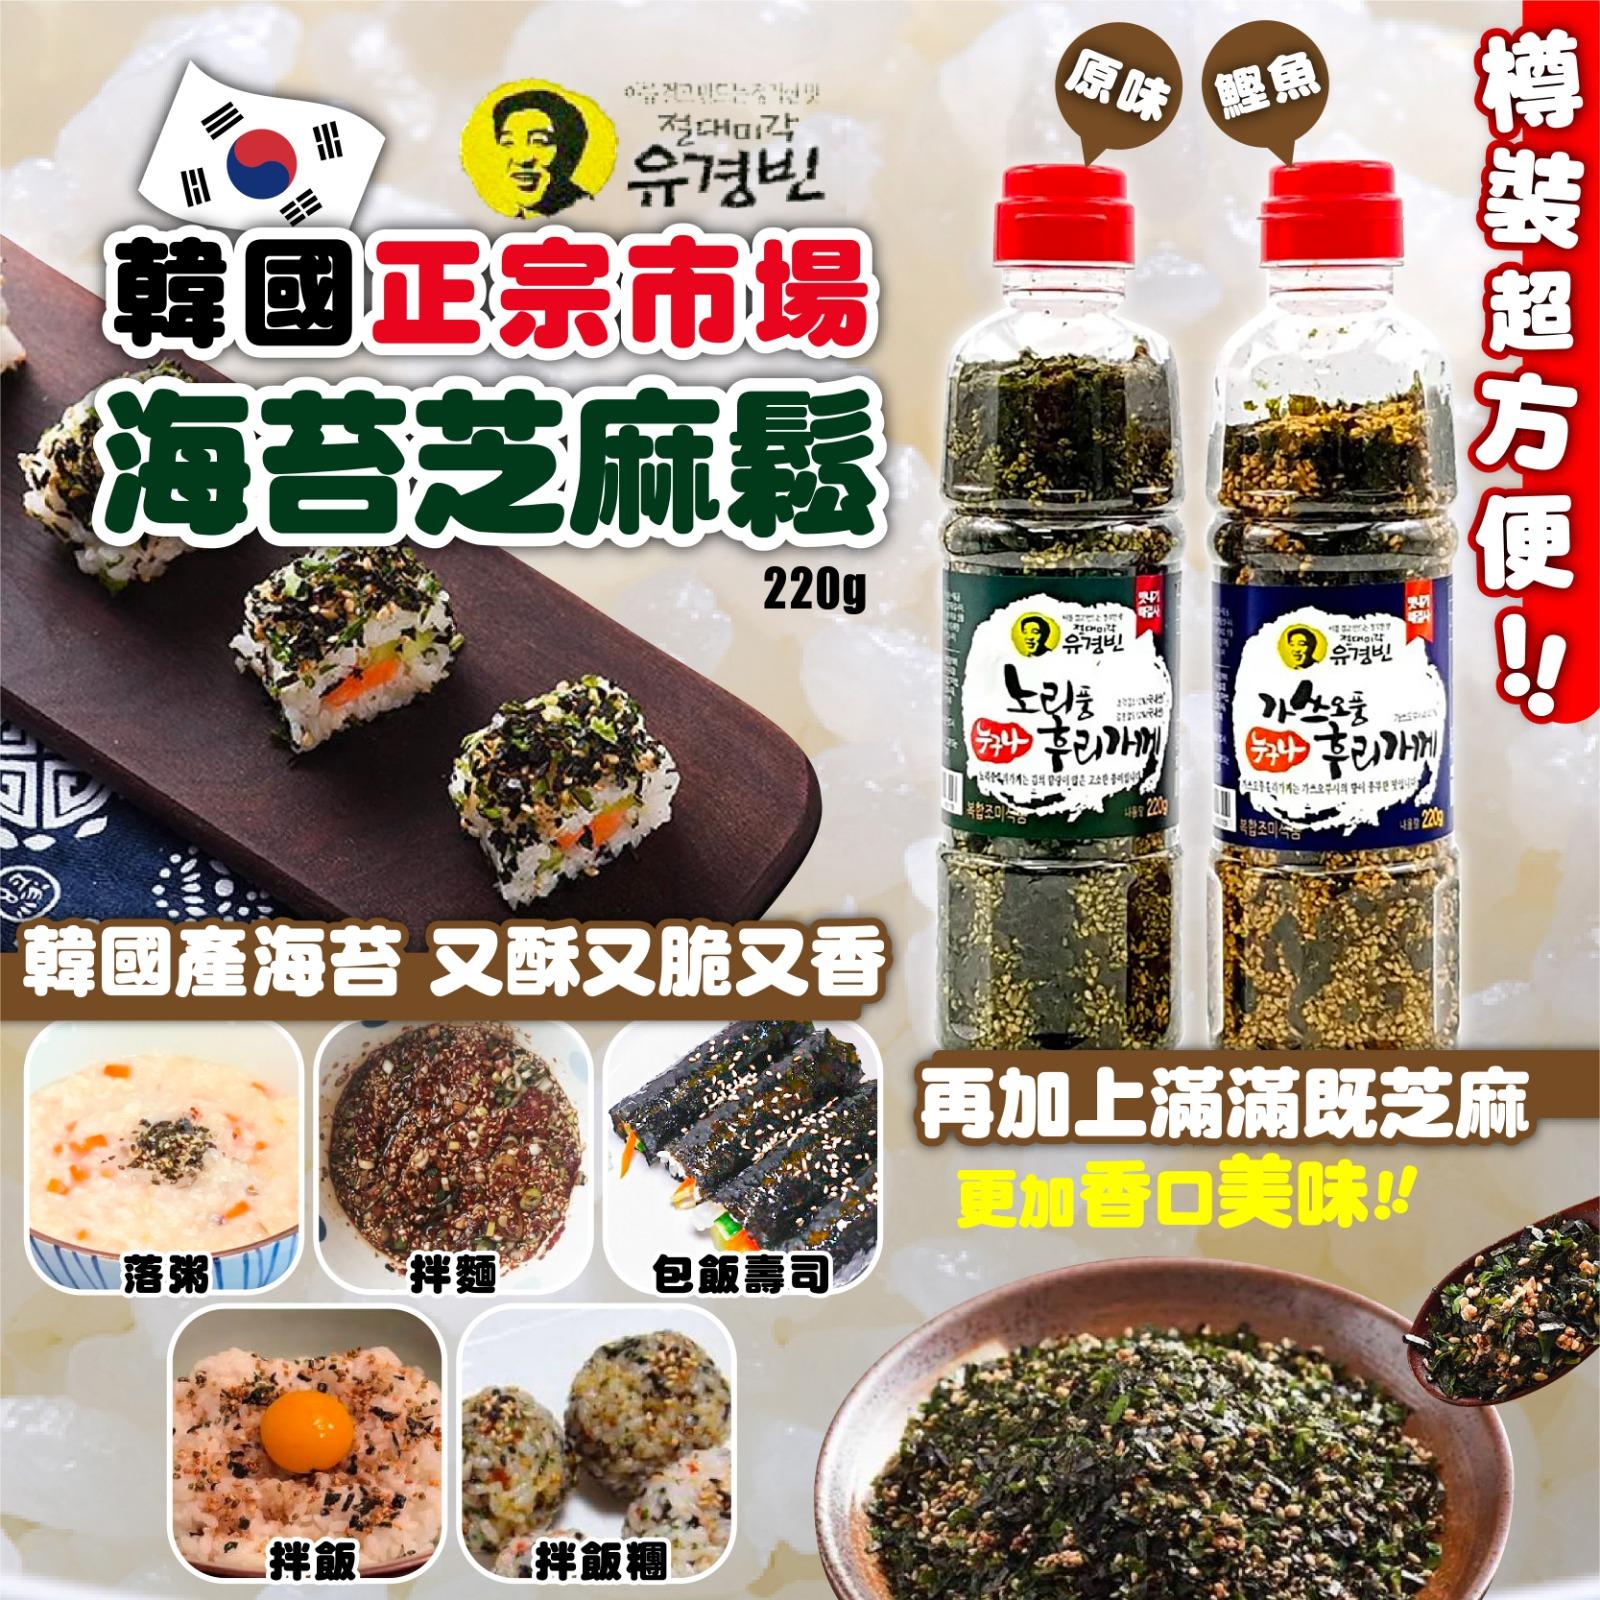 韓國南大門手工炒芝麻紫菜海苔飯素 (原味) 220g